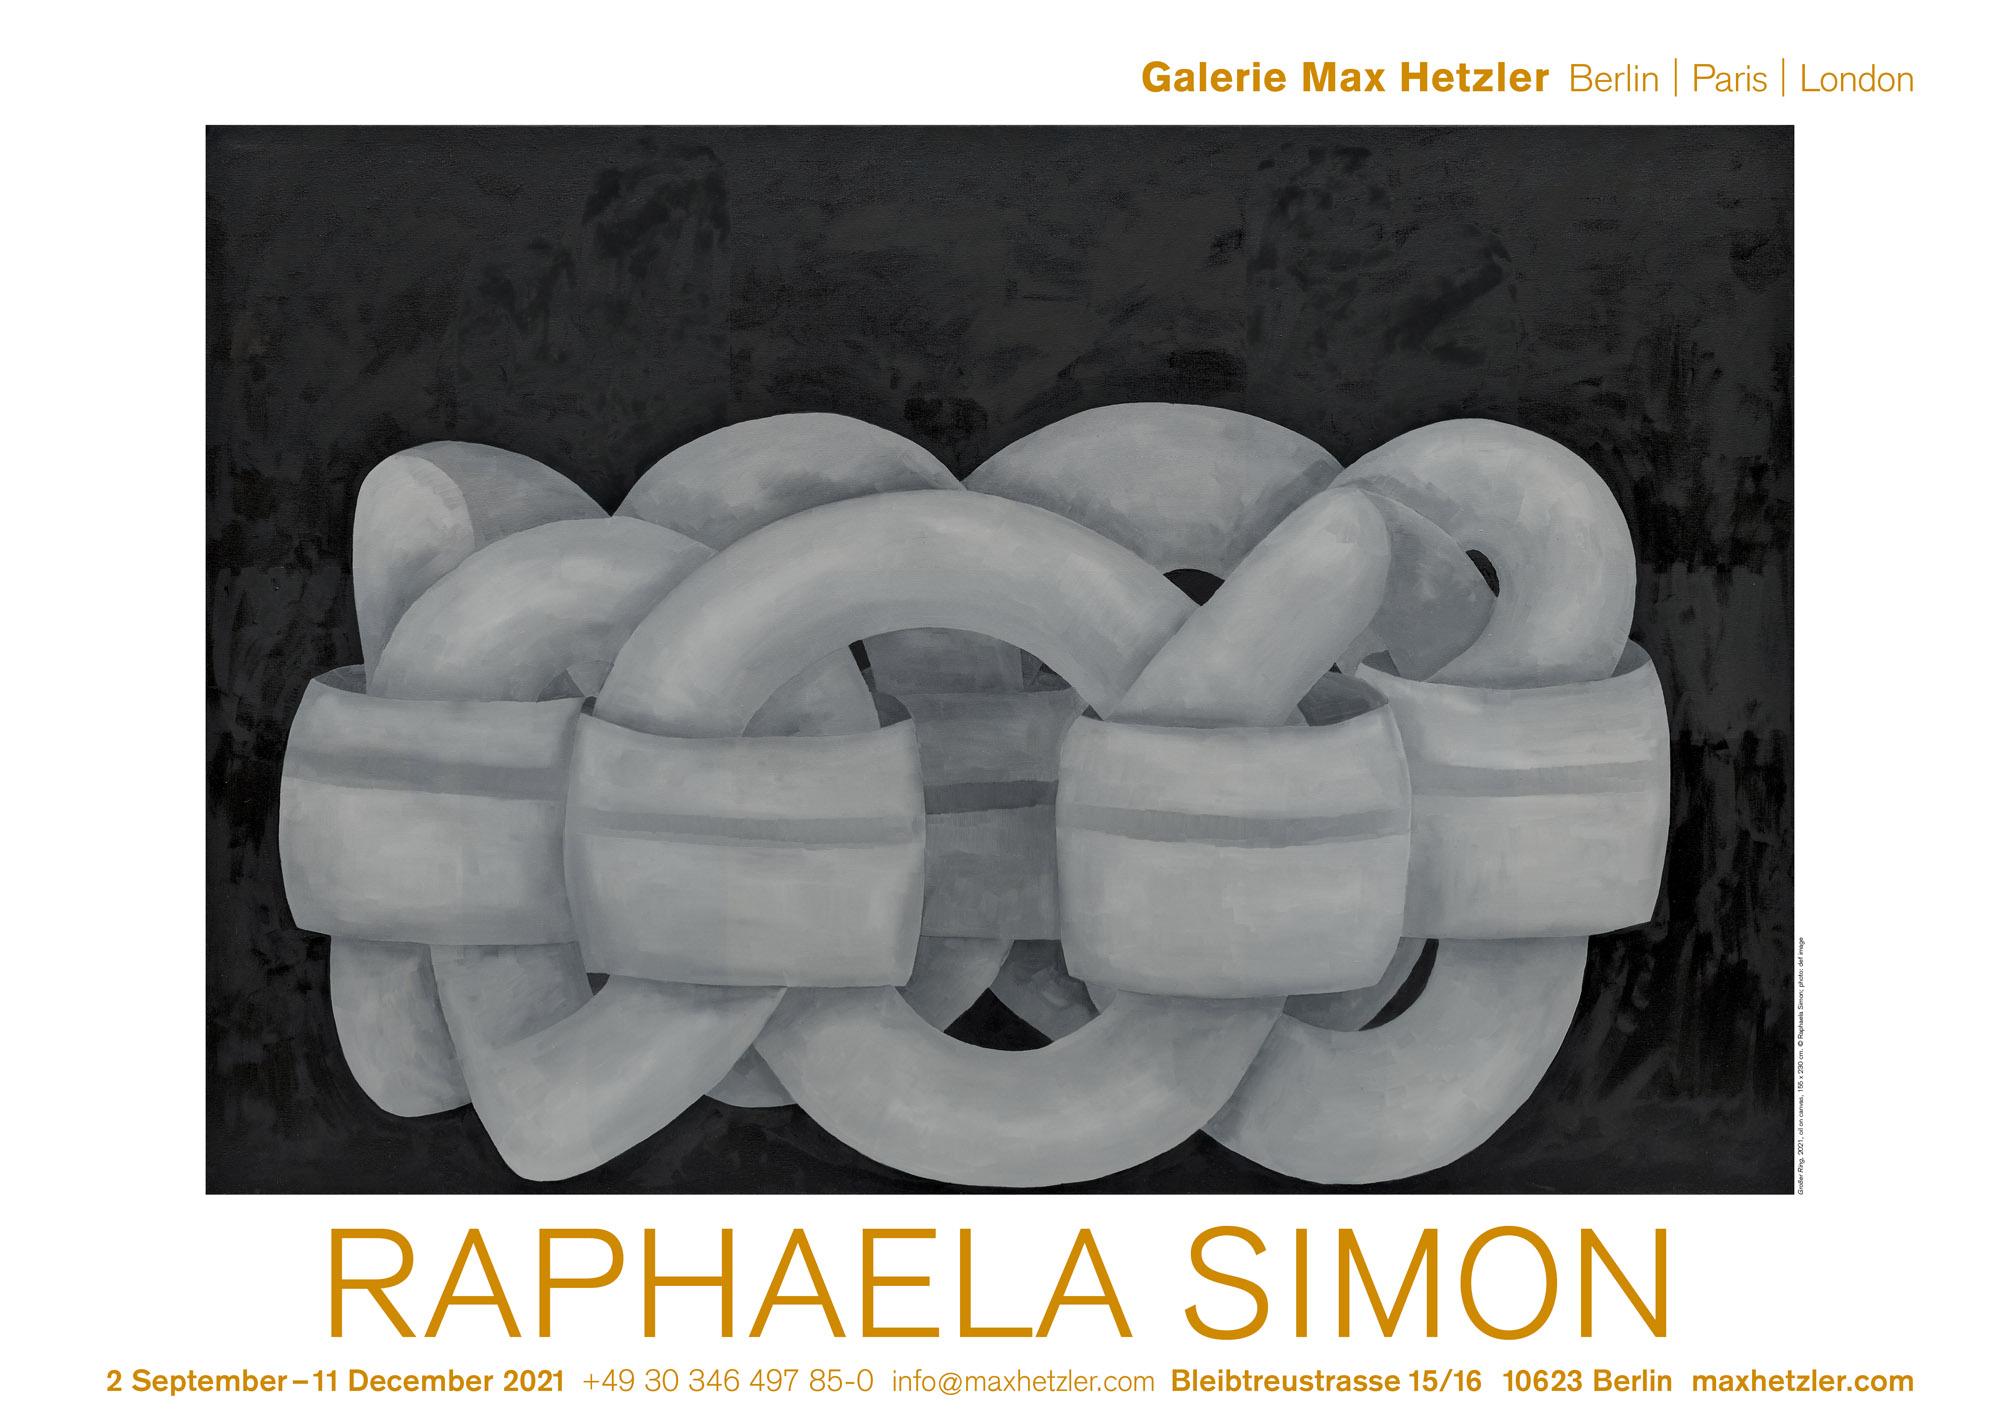 Raphaela Simon - Galerie Max Hetzler